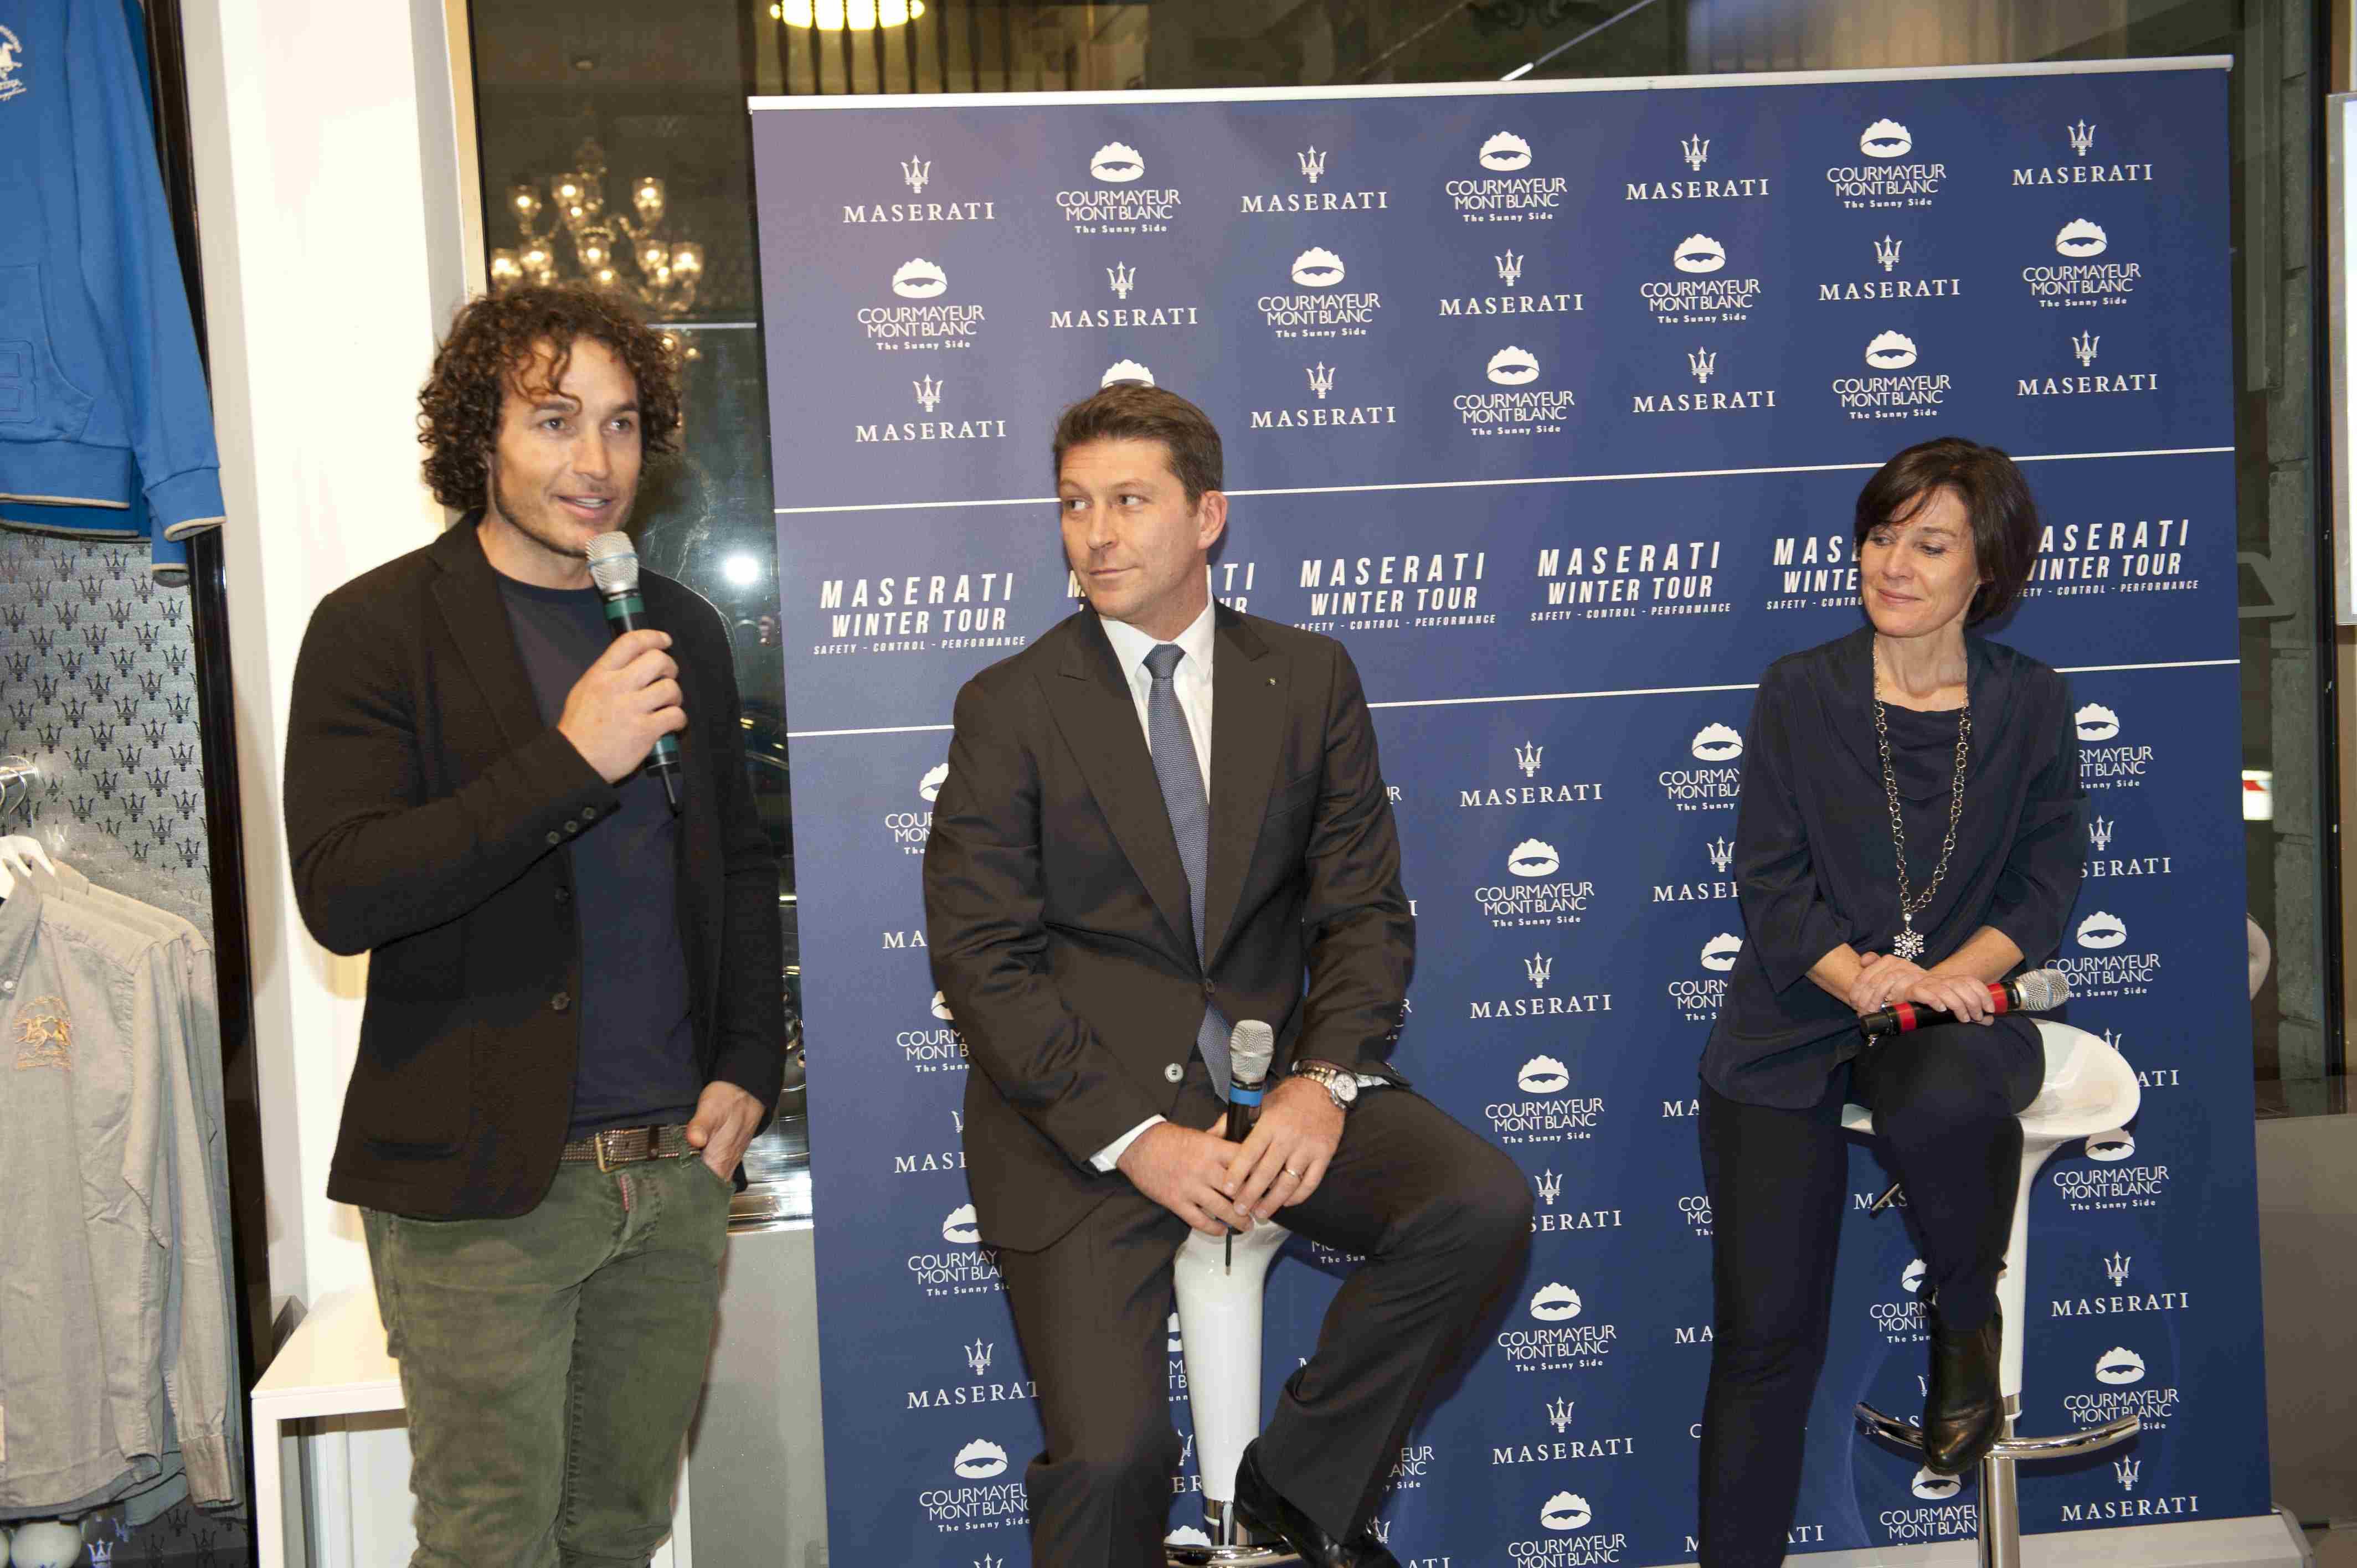 Courmayeur incontra Maserati: due eccellenze del Made in Italy per la prima volta insieme